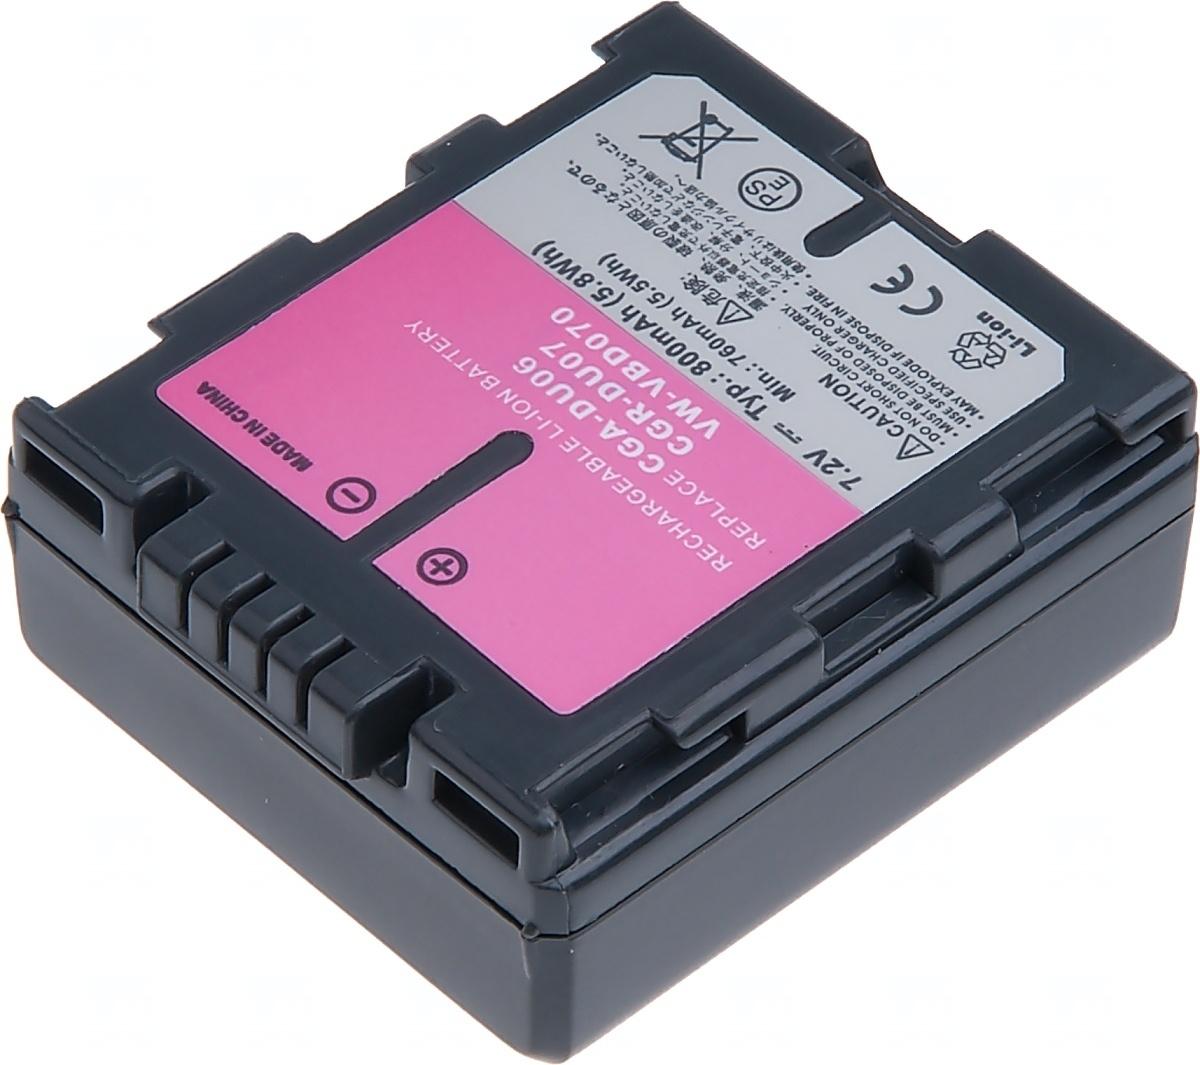 Baterie T6 power Panasonic VW-VBD070, CGA-DU07, CGR-DU07, Hitachi DZ-BP07S, 800mAh, šedá VCPA0009